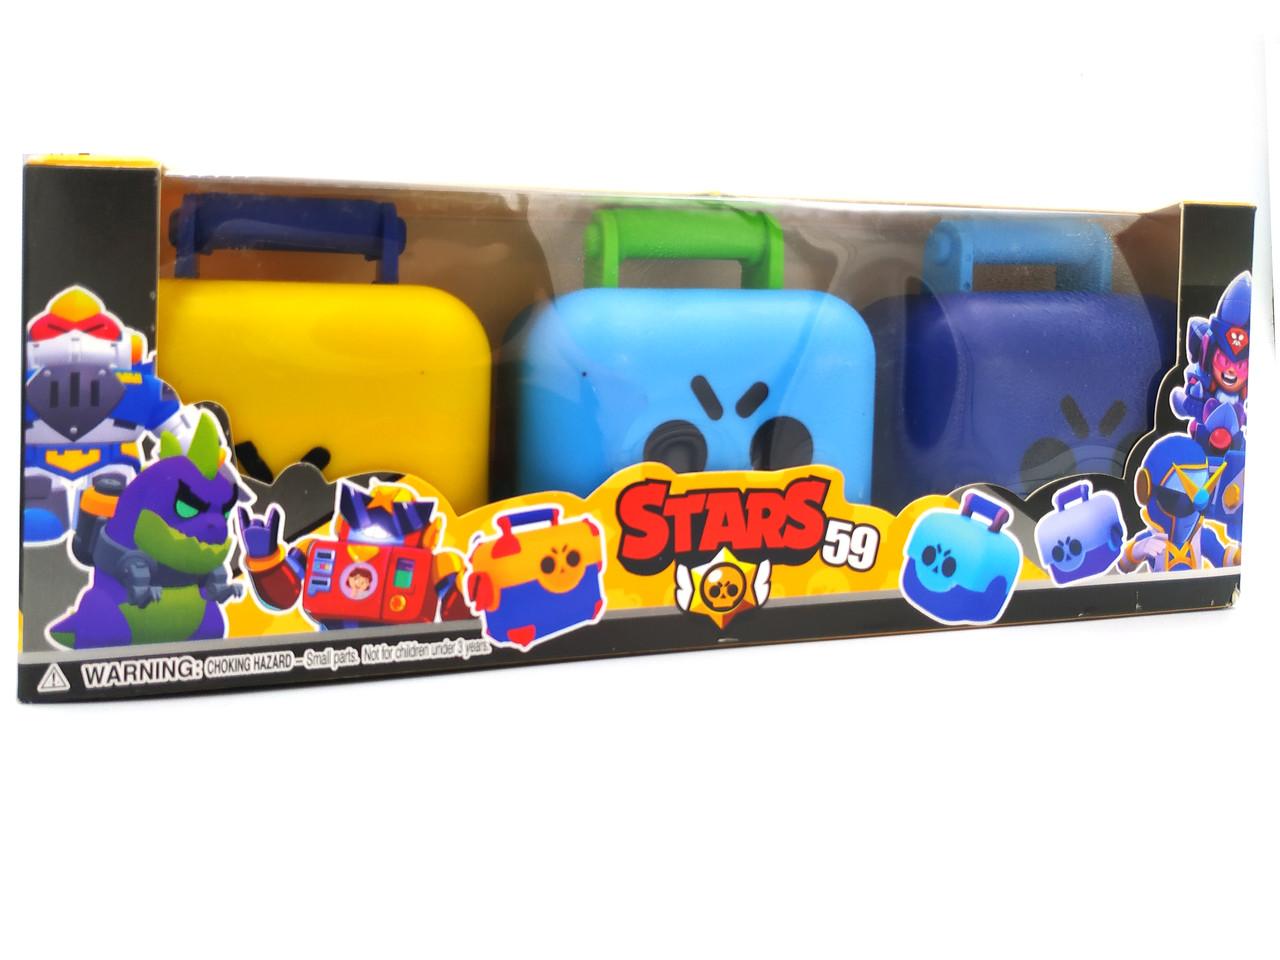 Фигурки Бравл Старс в чемоданчике Brawl Stars 3 в 1 (желтый, голубой, фиолетовый)